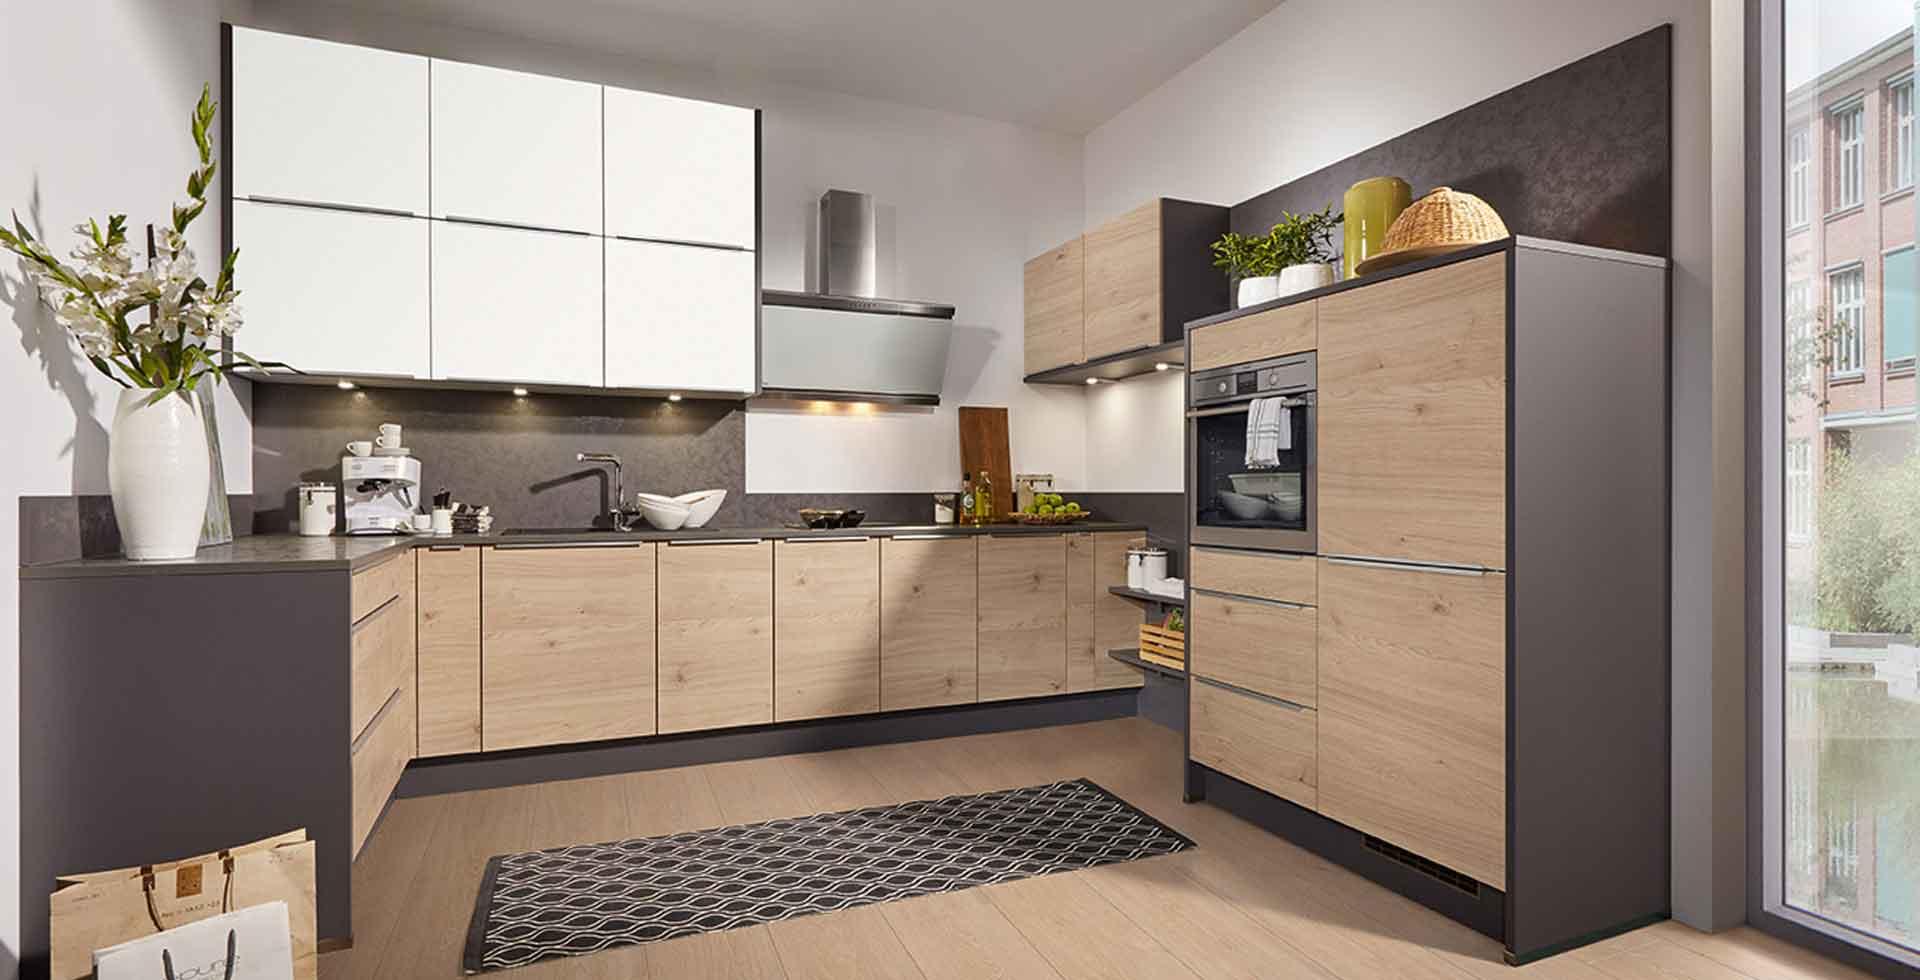 Catalogo muebles de cocina for Catalogo muebles de cocina